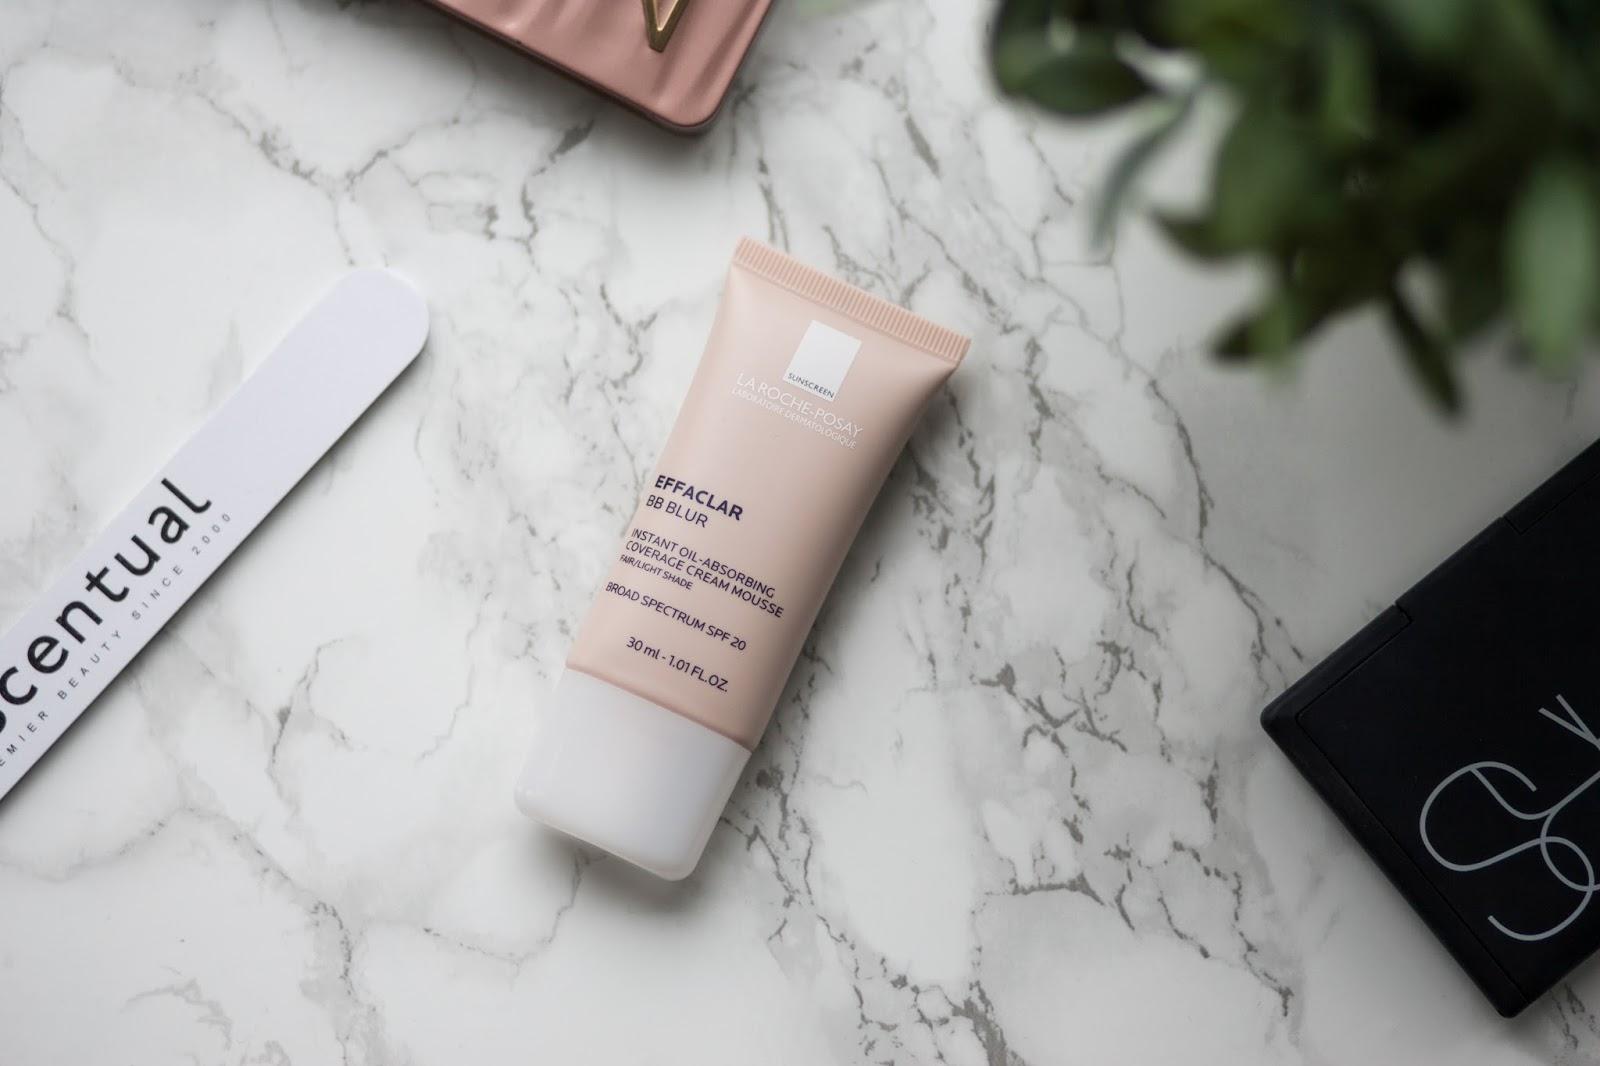 Effaclar BB Cream for Oily Skin by La Roche-Posay #15